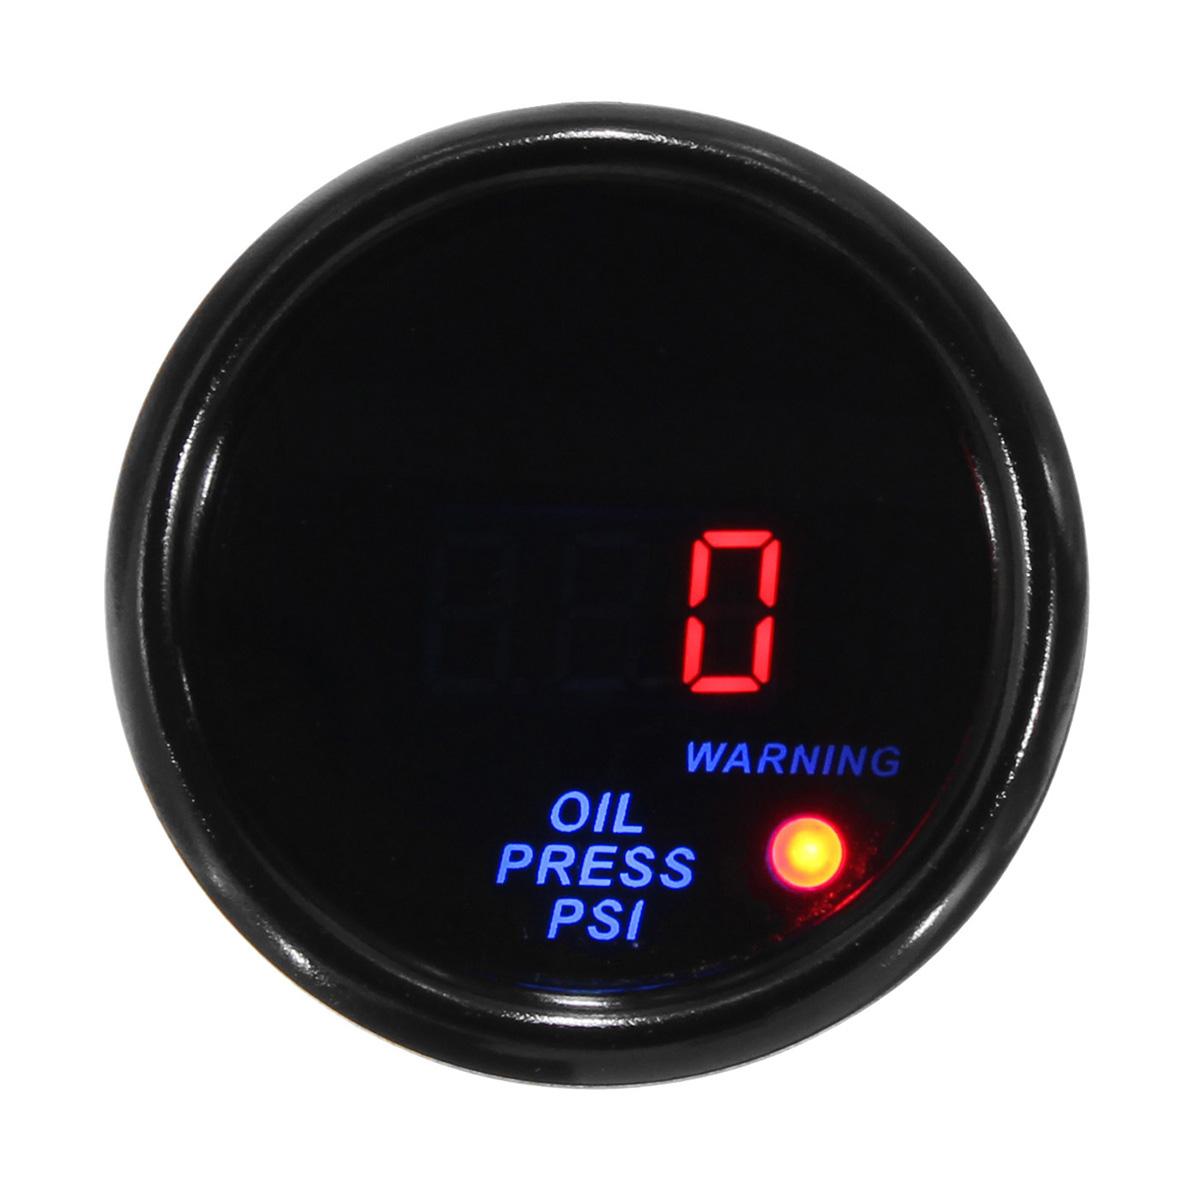 Дюймов 52 мм 0-140 PSI Масло Цифровой манометр LED Дисплей